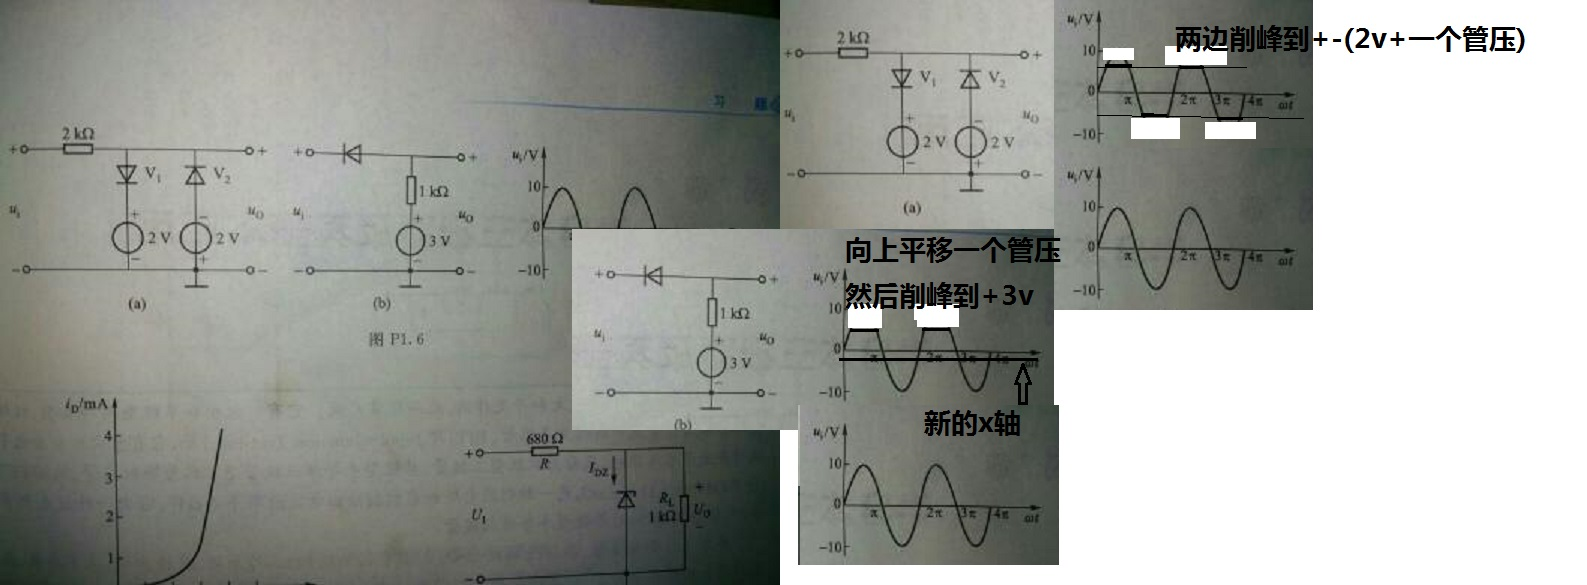 一道模电题,画图 图1.6(a)(b)所示电路中,设二极管是